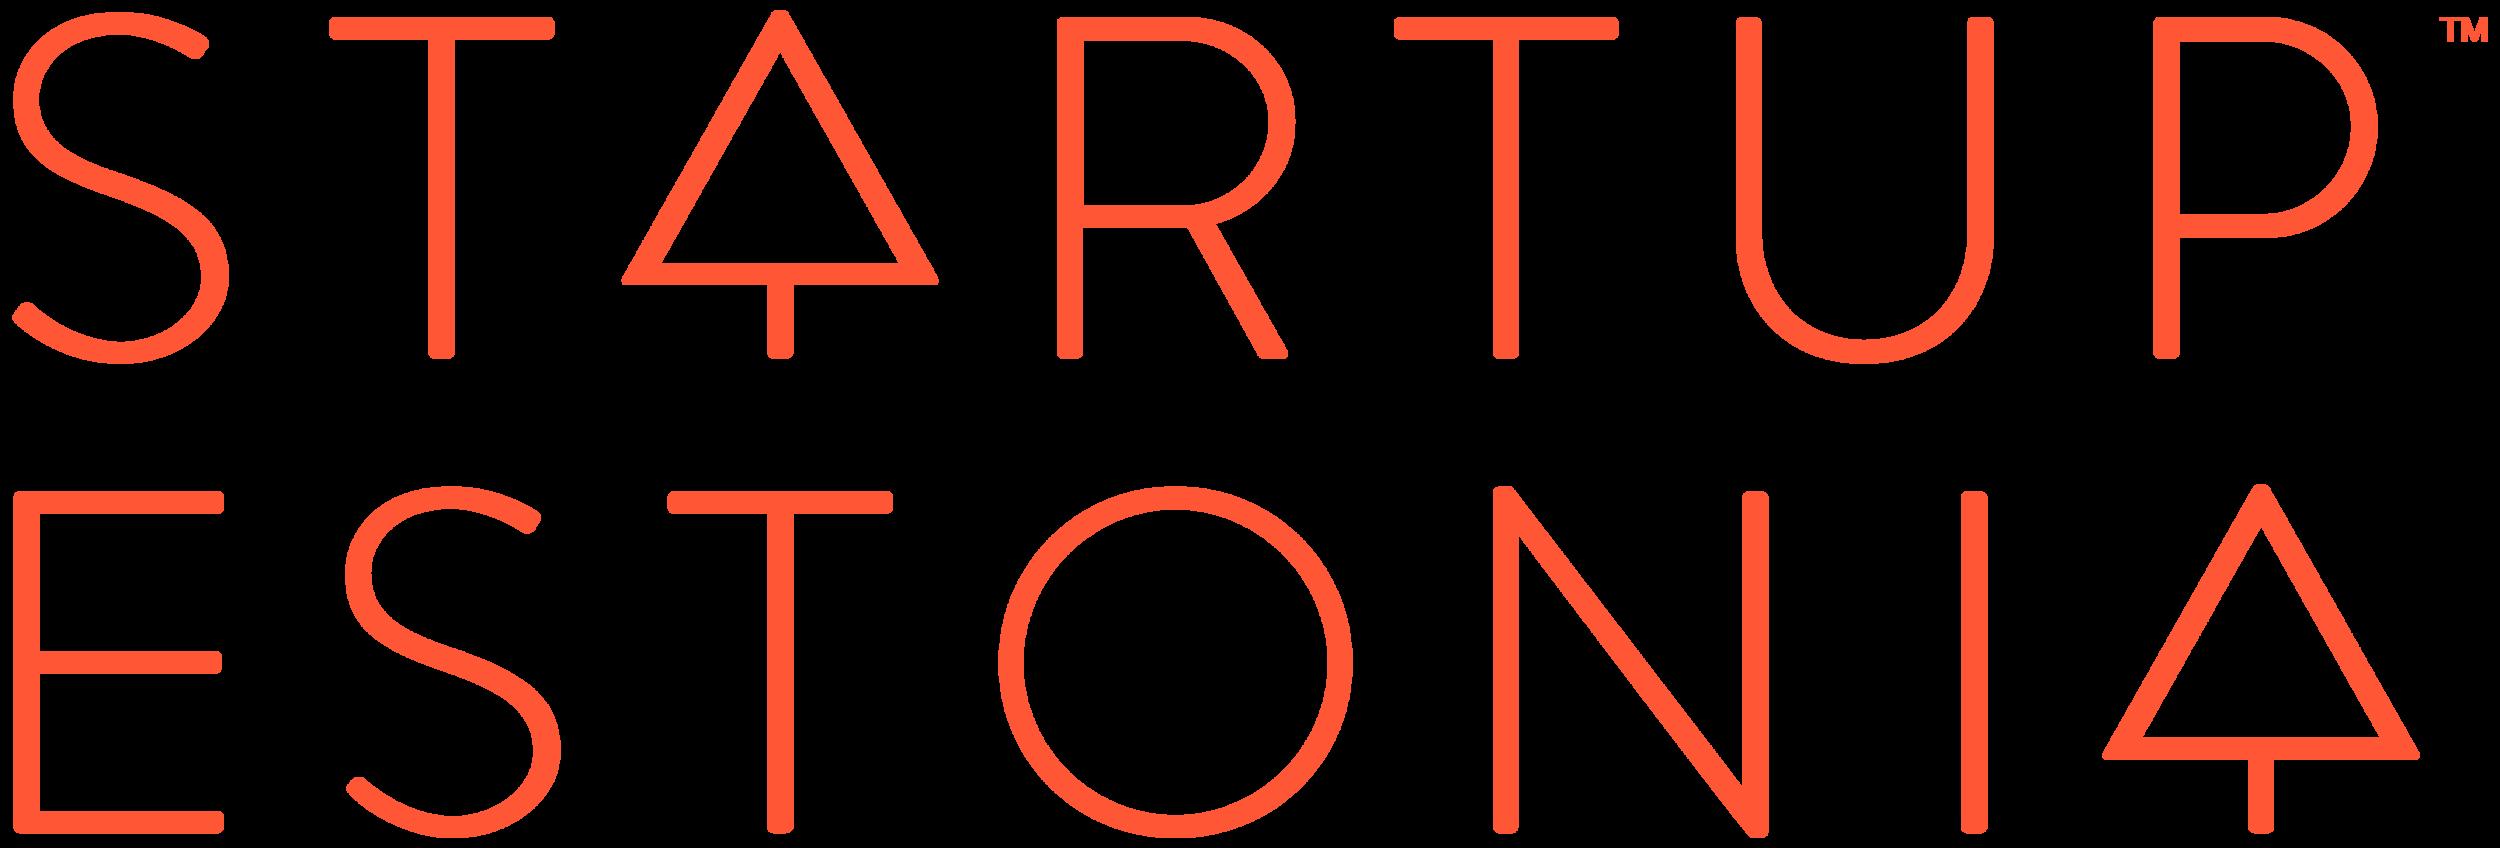 startup_estonia-punane.png